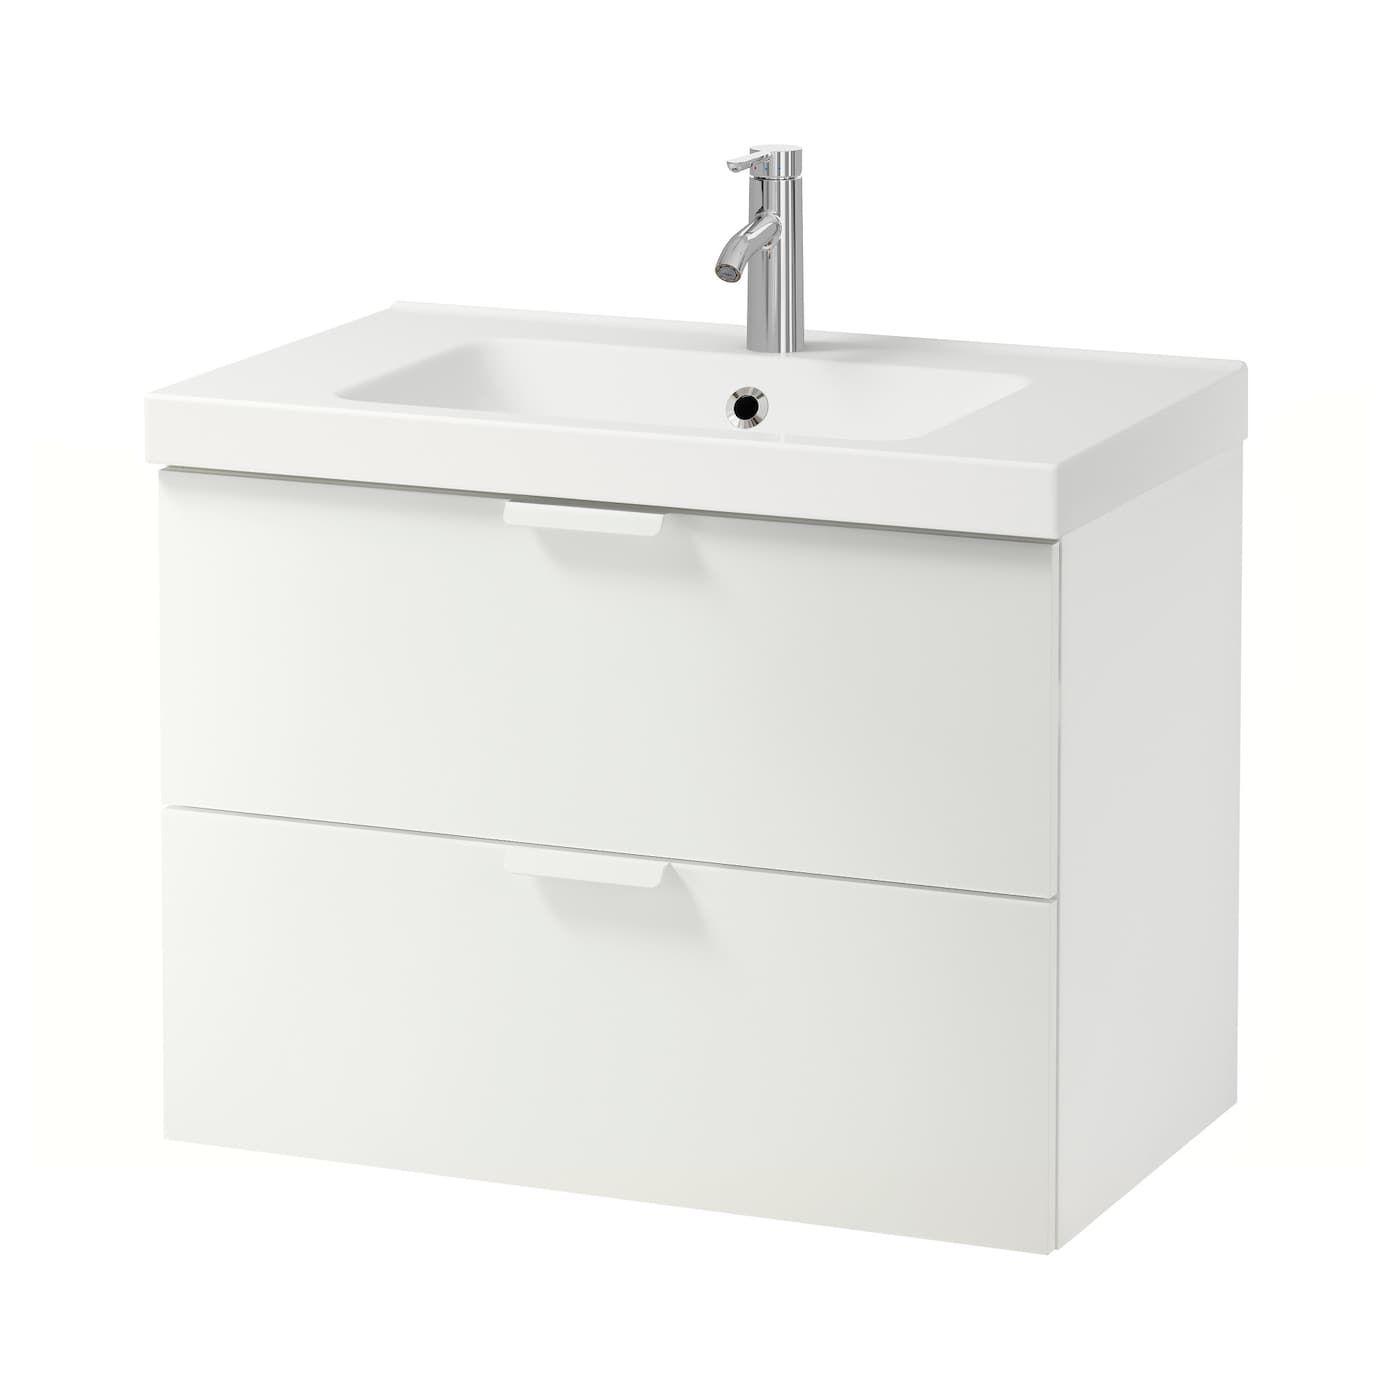 Mobili E Accessori Per L Arredamento Della Casa Idee Ikea Bagno